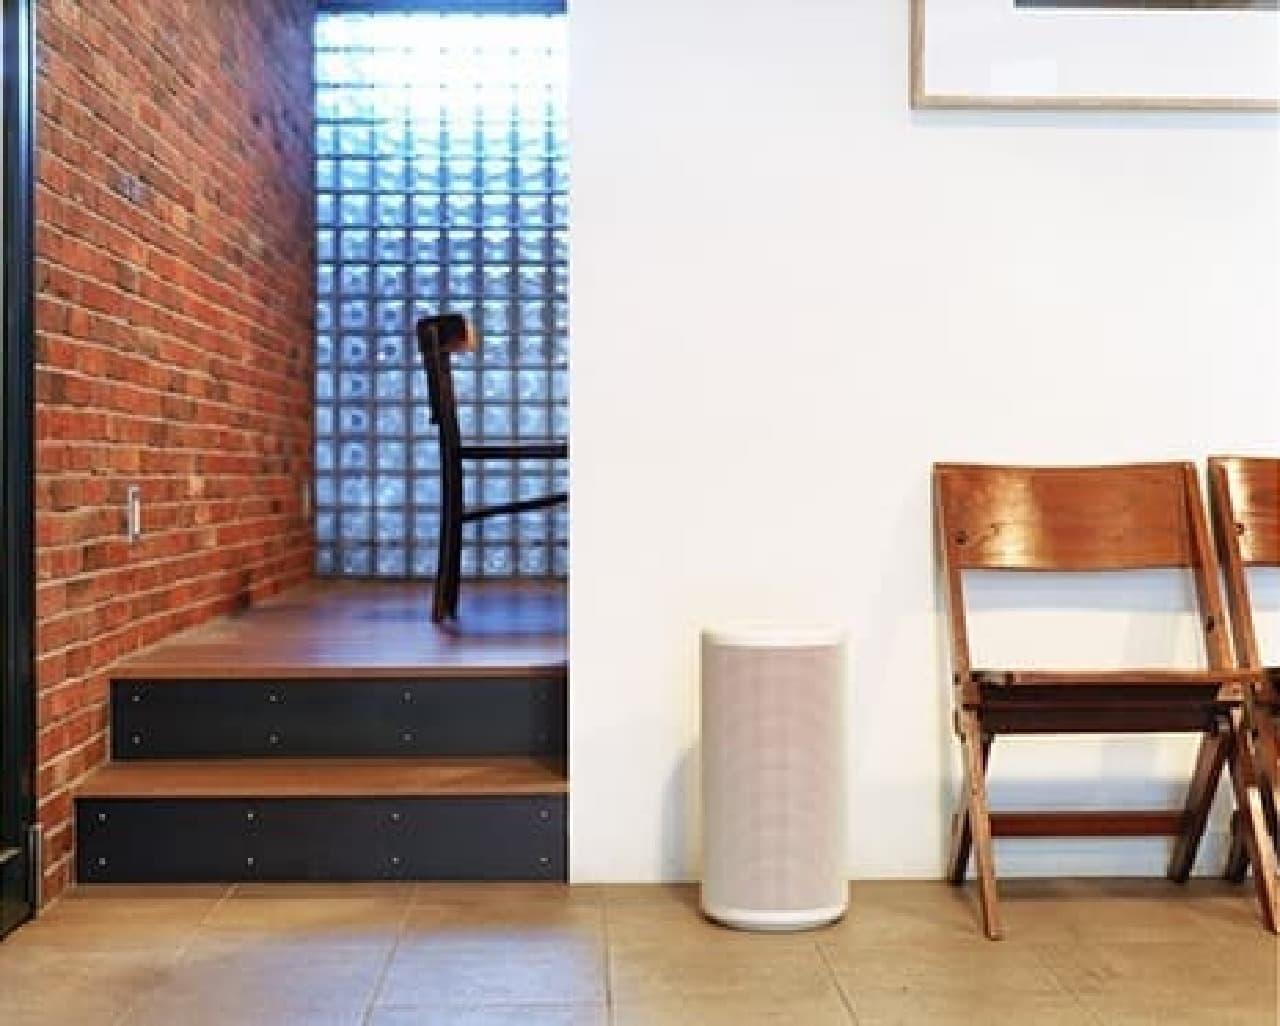 どんな空間にもなじむシンプルなデザイン